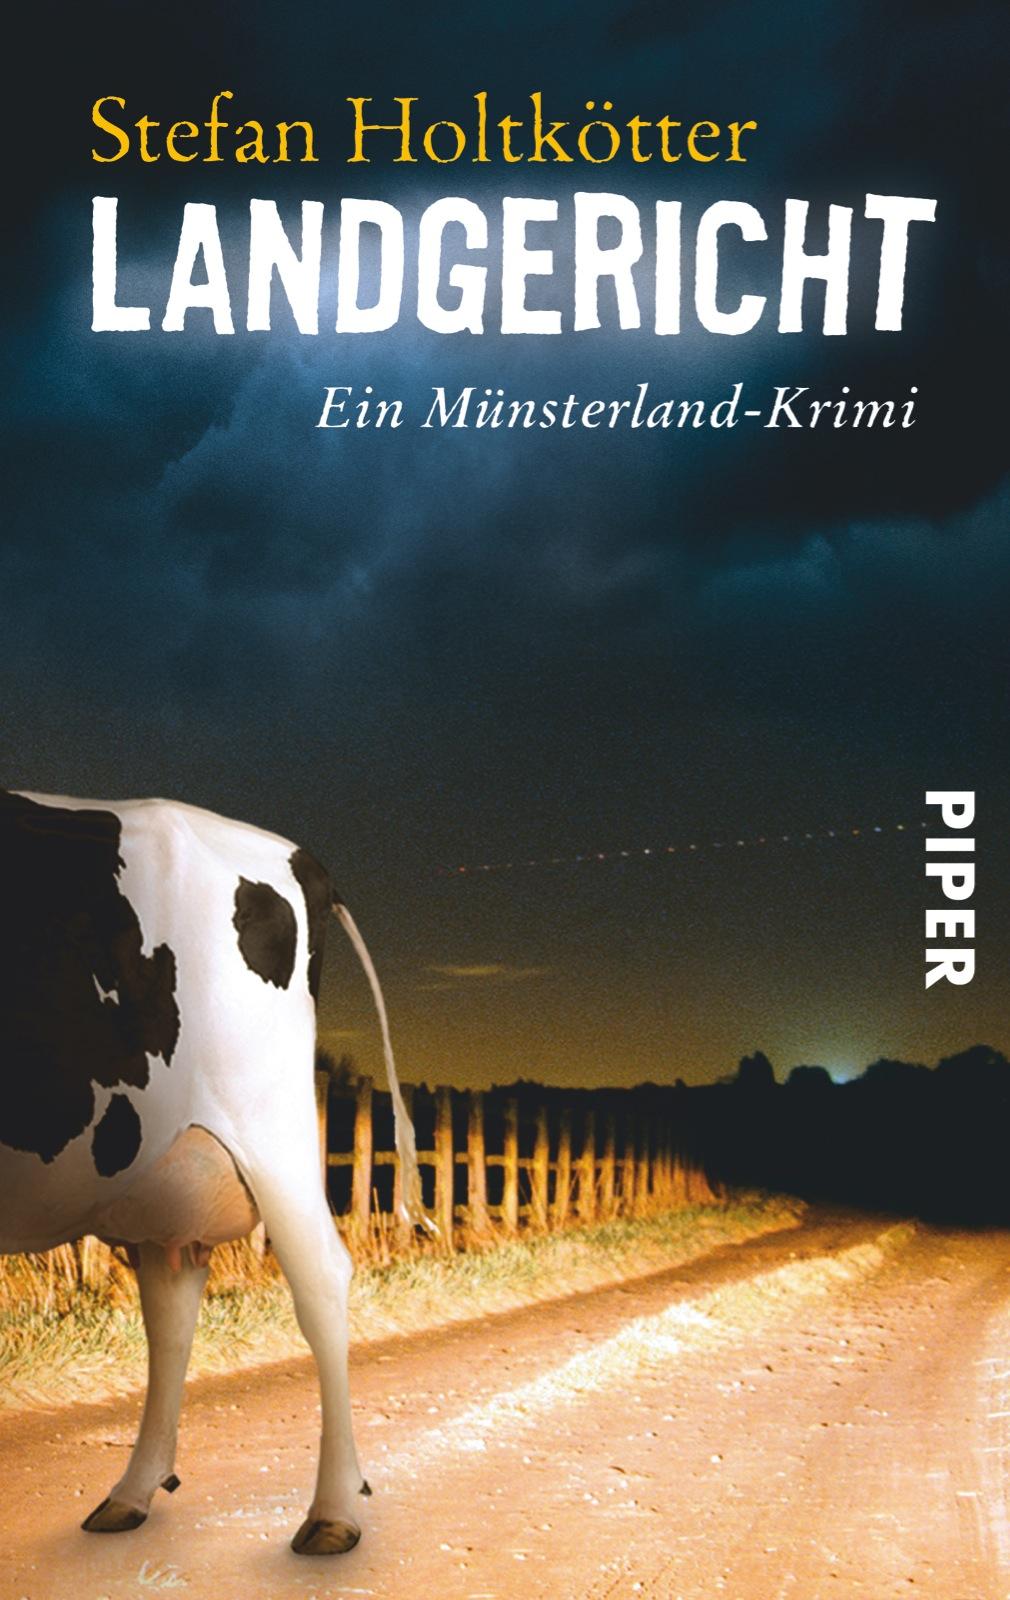 Landgericht: Münsterland-Krimis Band 6 - Stefan Holtkötter [Taschenbuch]